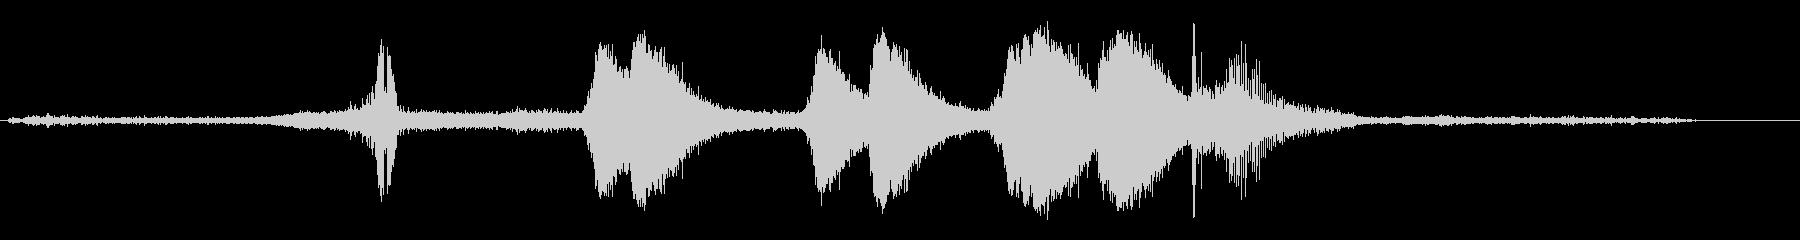 リンカーンタウンカー;中程度の速度...の未再生の波形